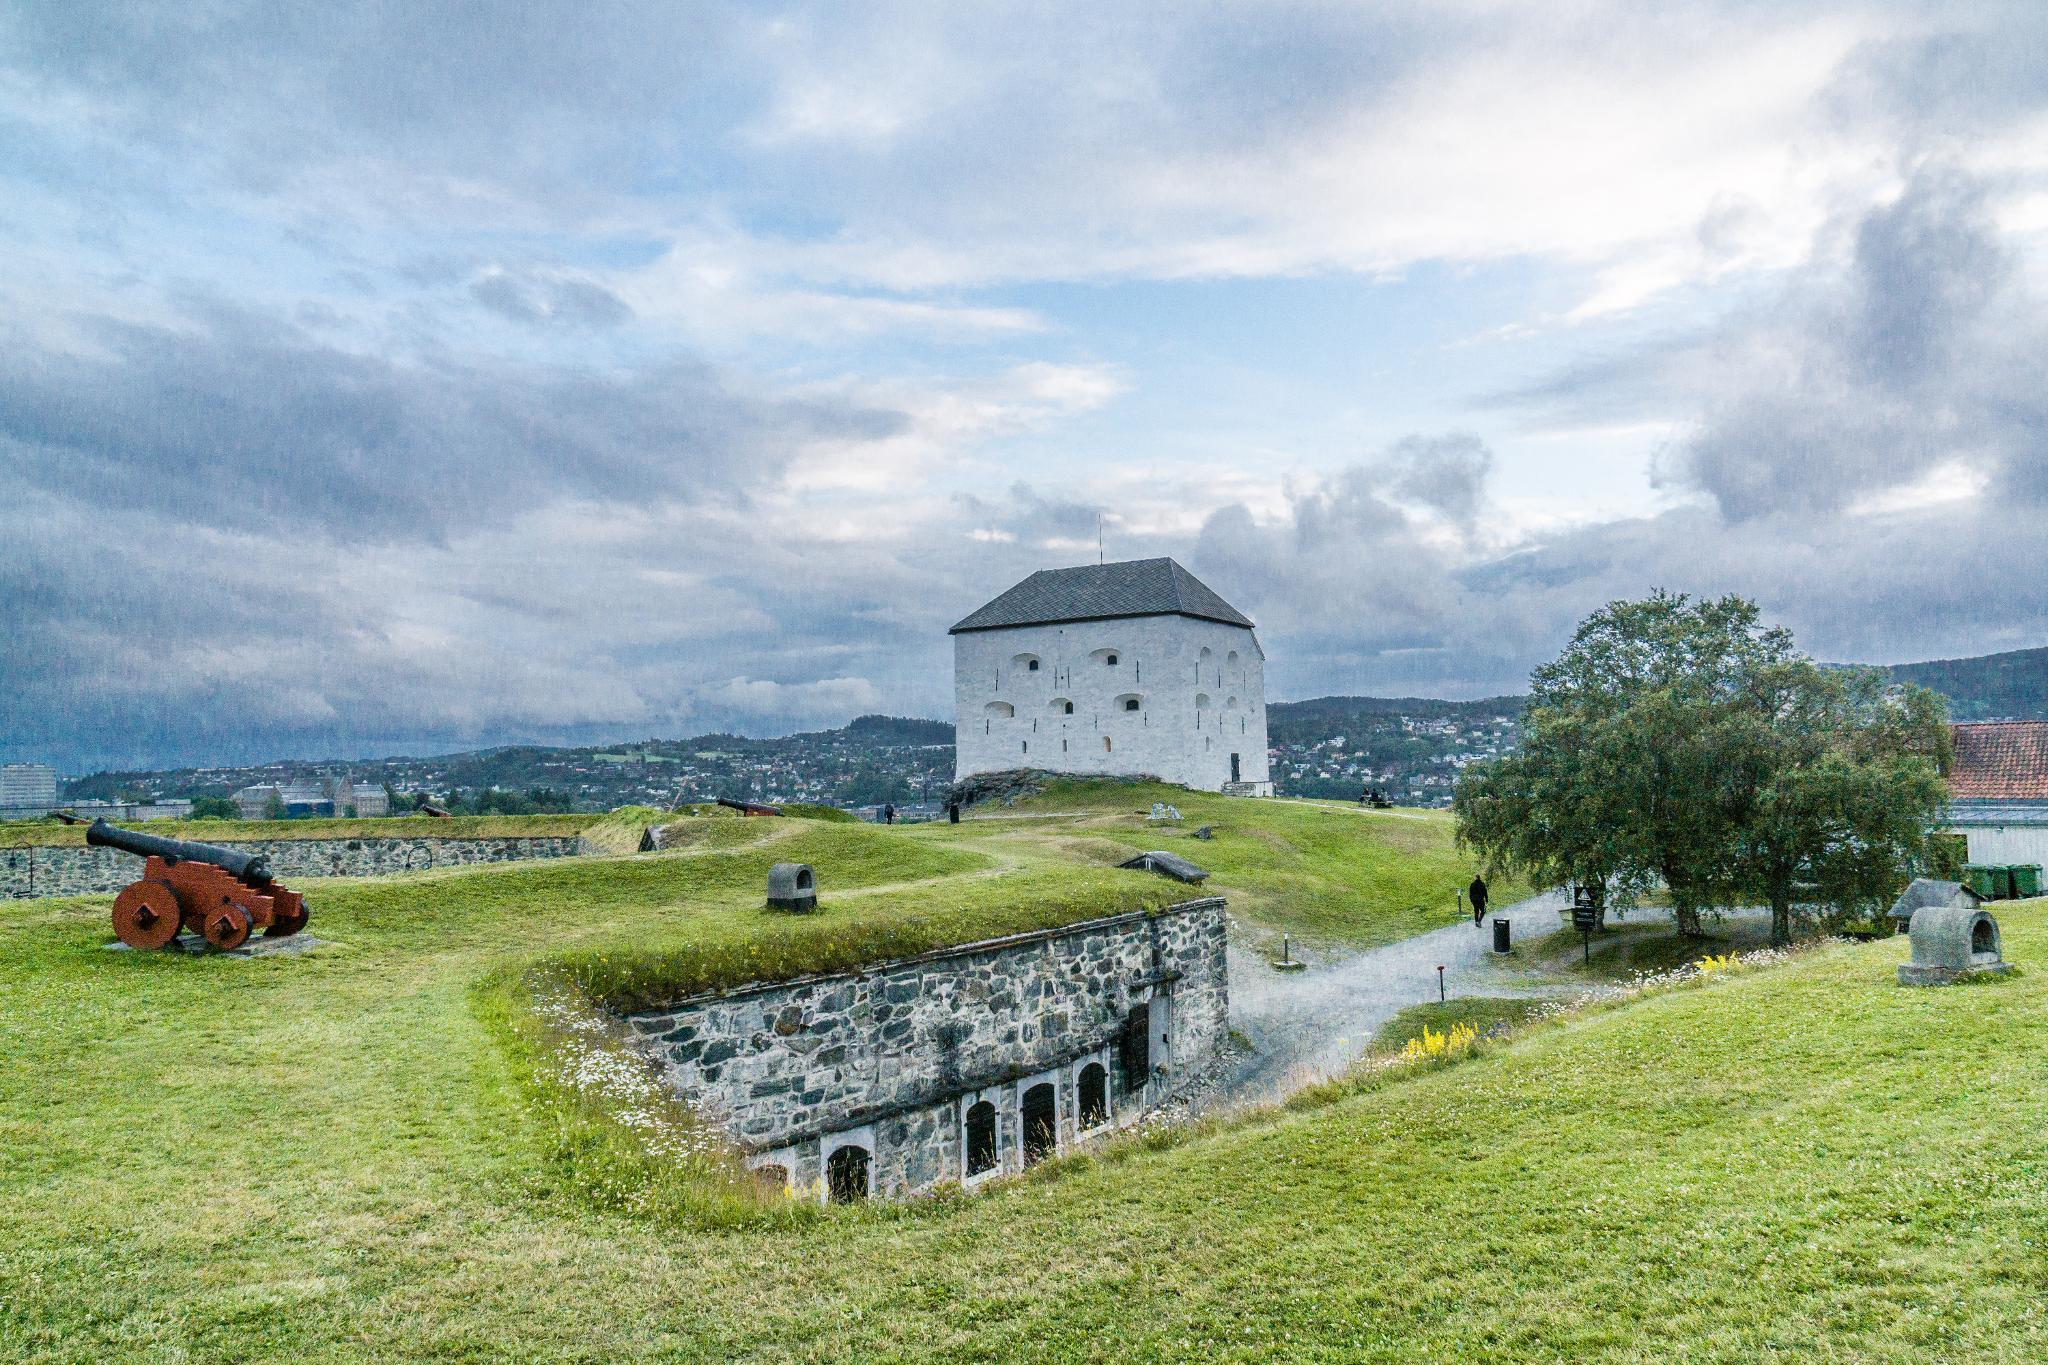 【北歐景點】拜訪維京王的千年古城 - Trondheim 特隆赫姆景點懶人包 4